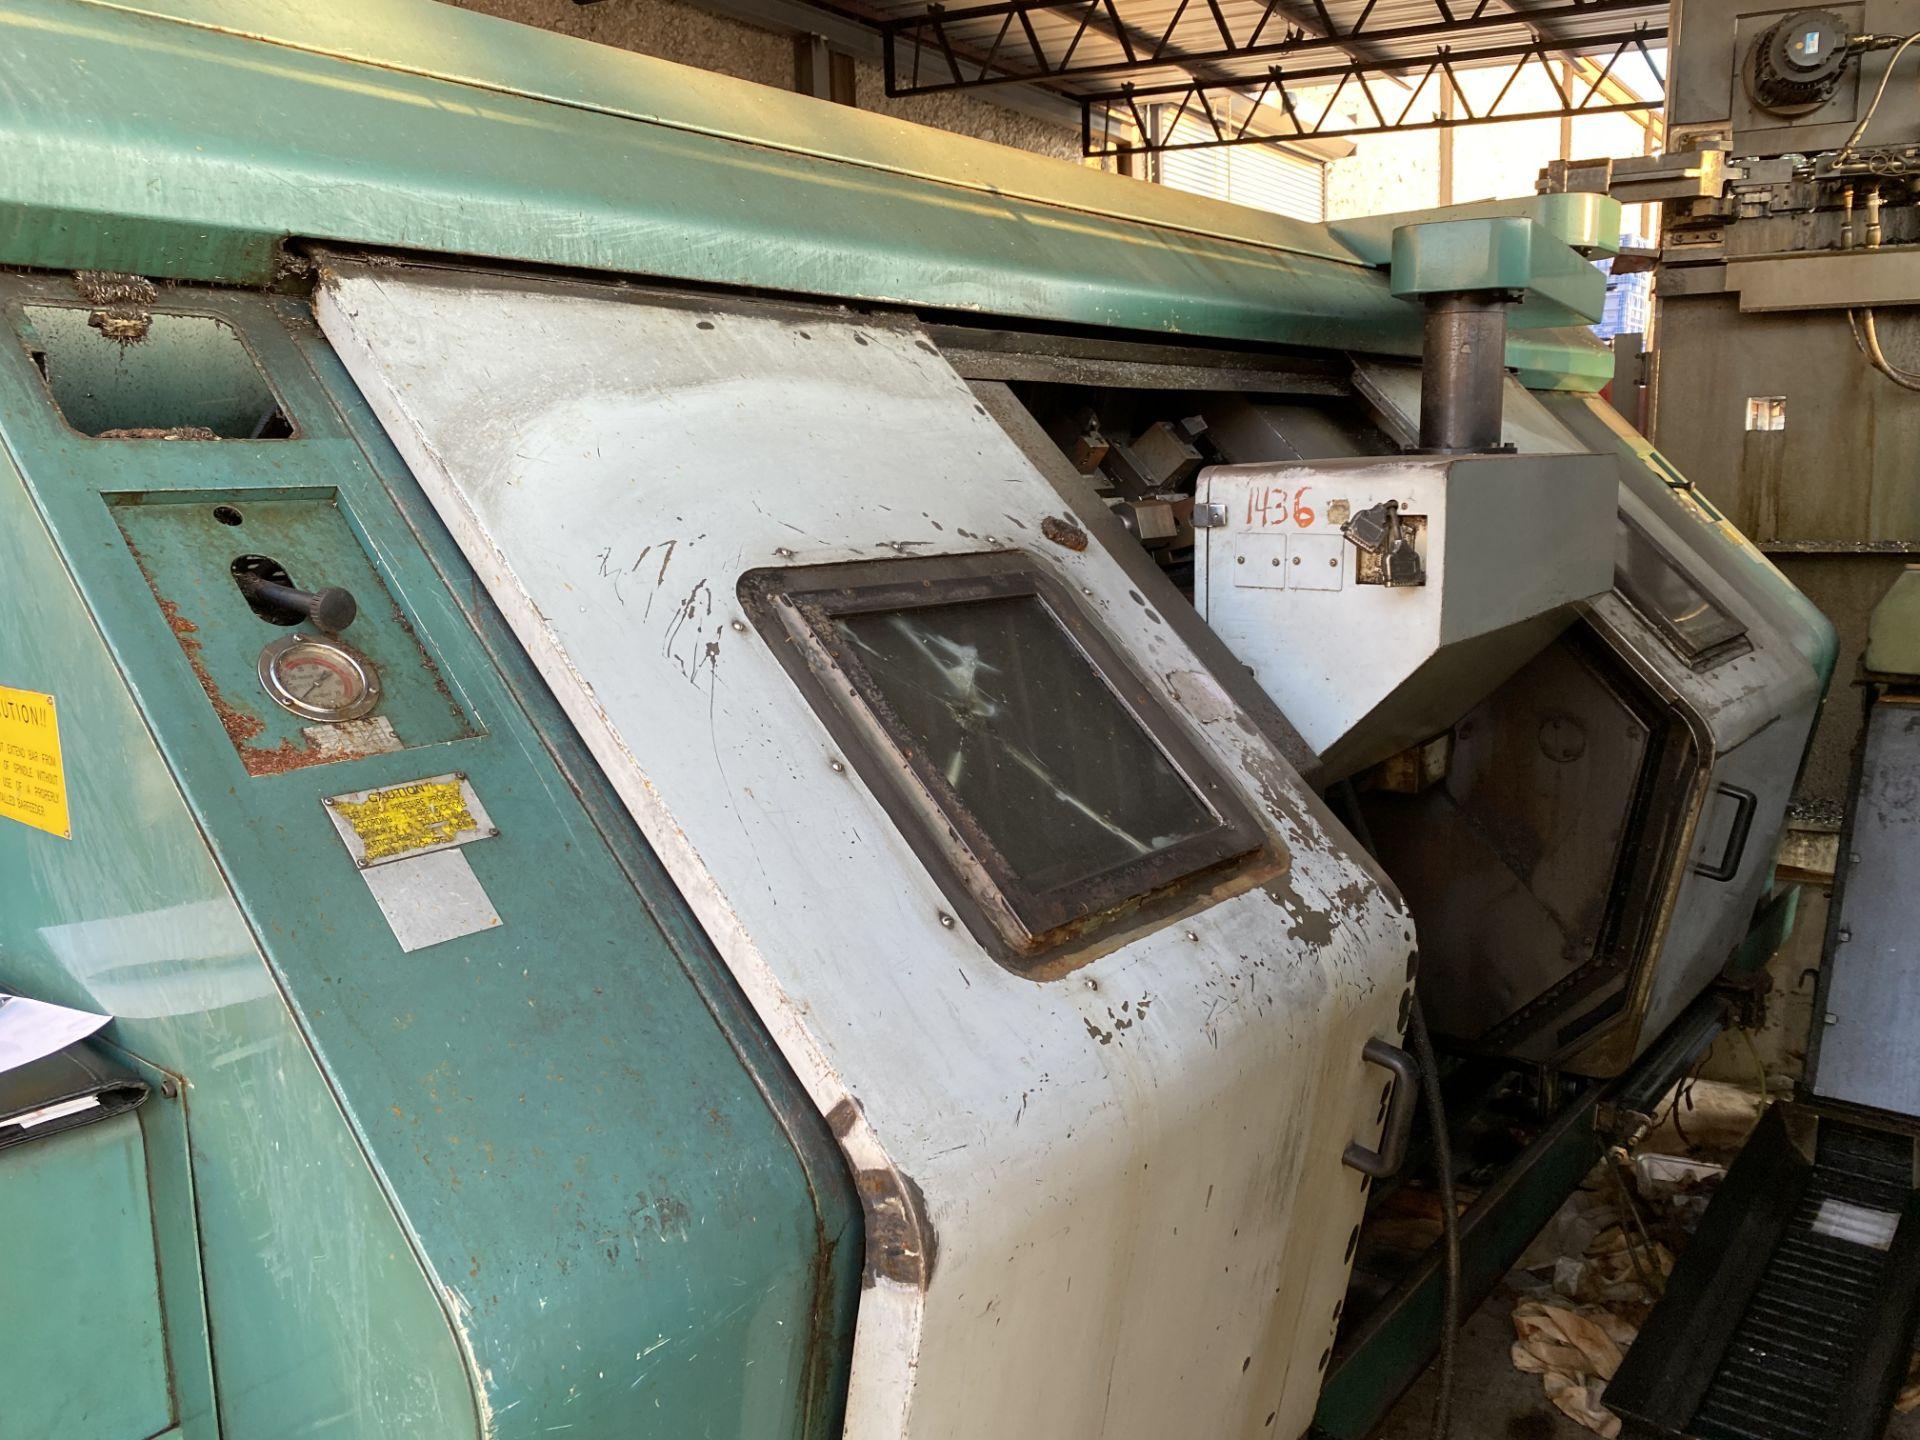 Nakamura-Tome #TW-30 CNC Lathe - Image 2 of 7